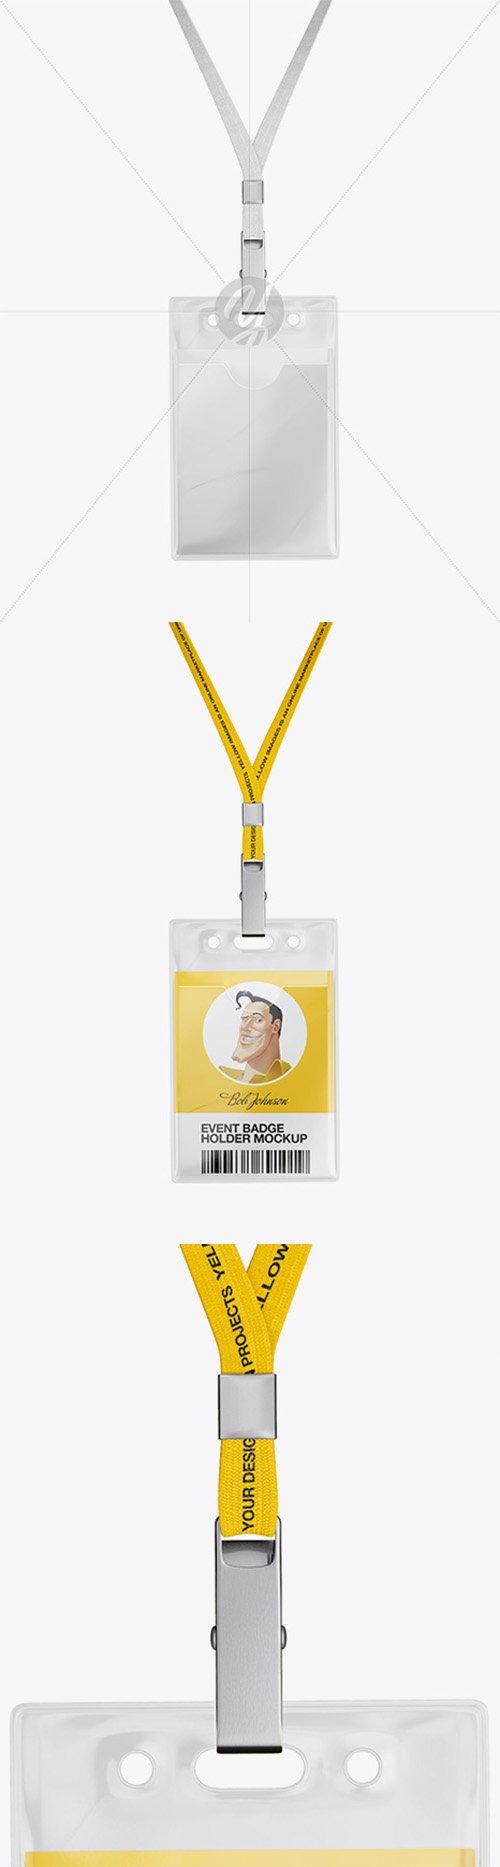 Badge Holder Mockup - Front View 21705 TIF